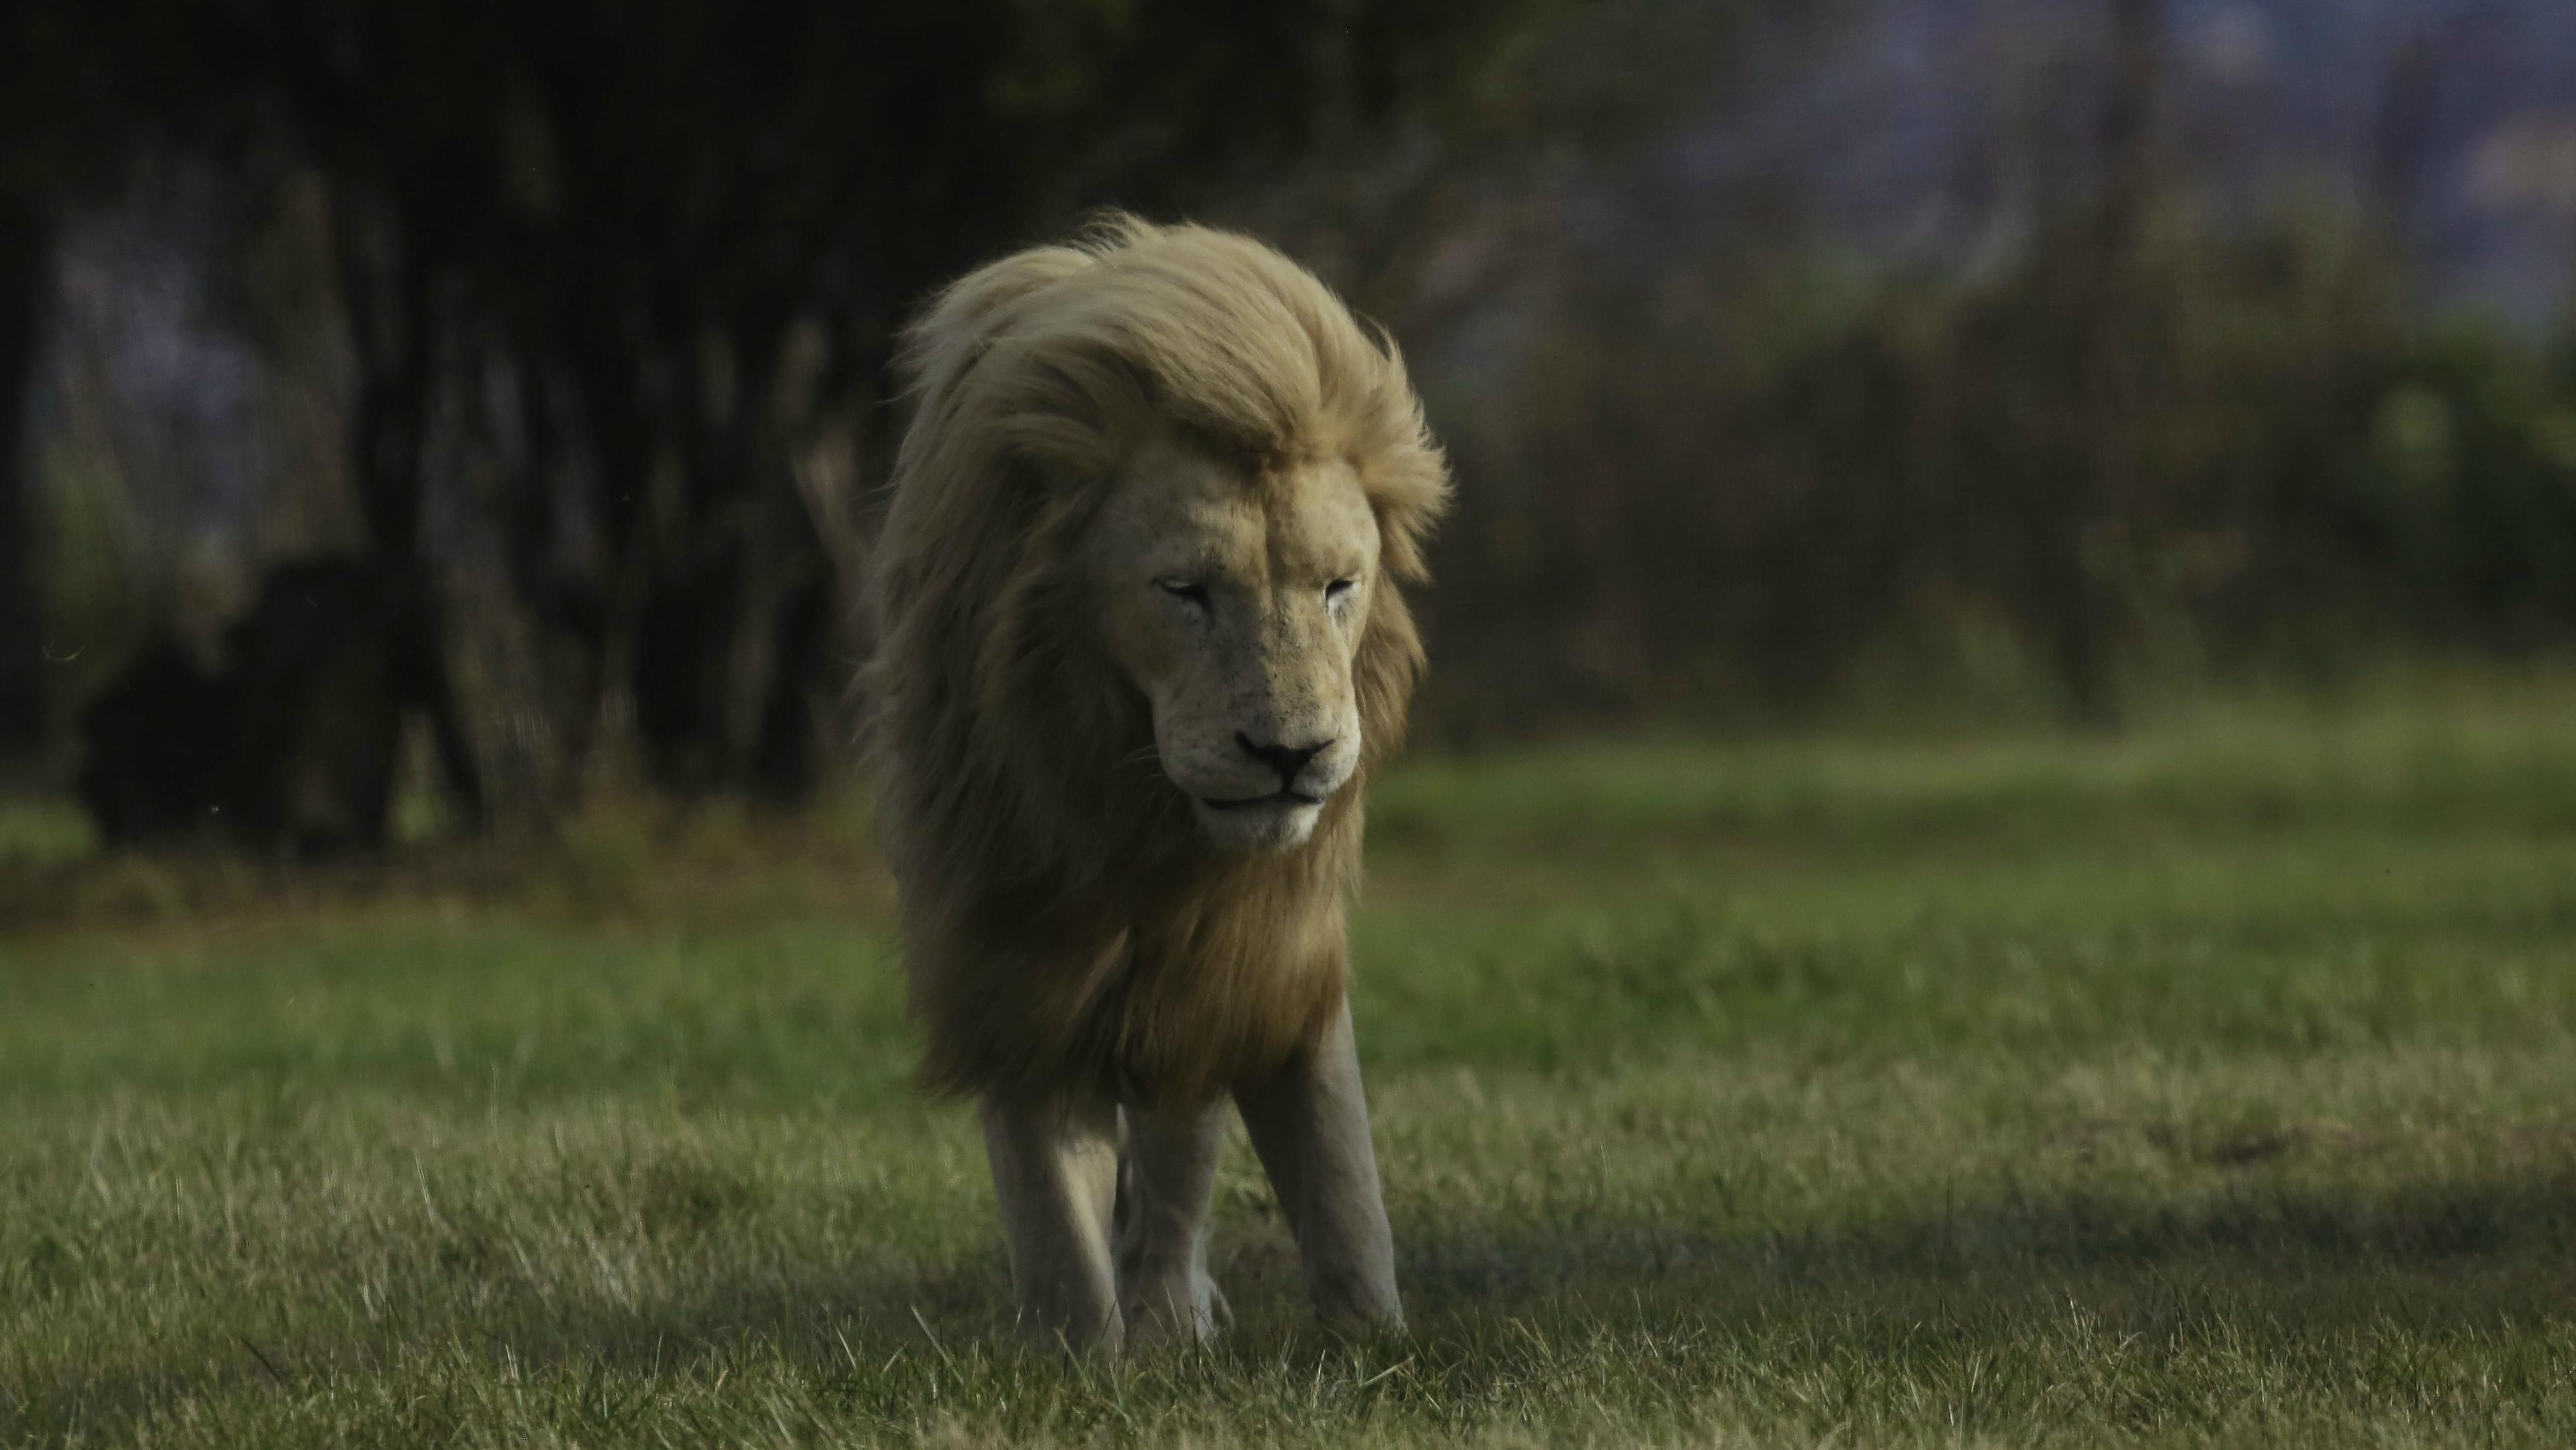 c-lion-AP_39819895158-Jerome Delay